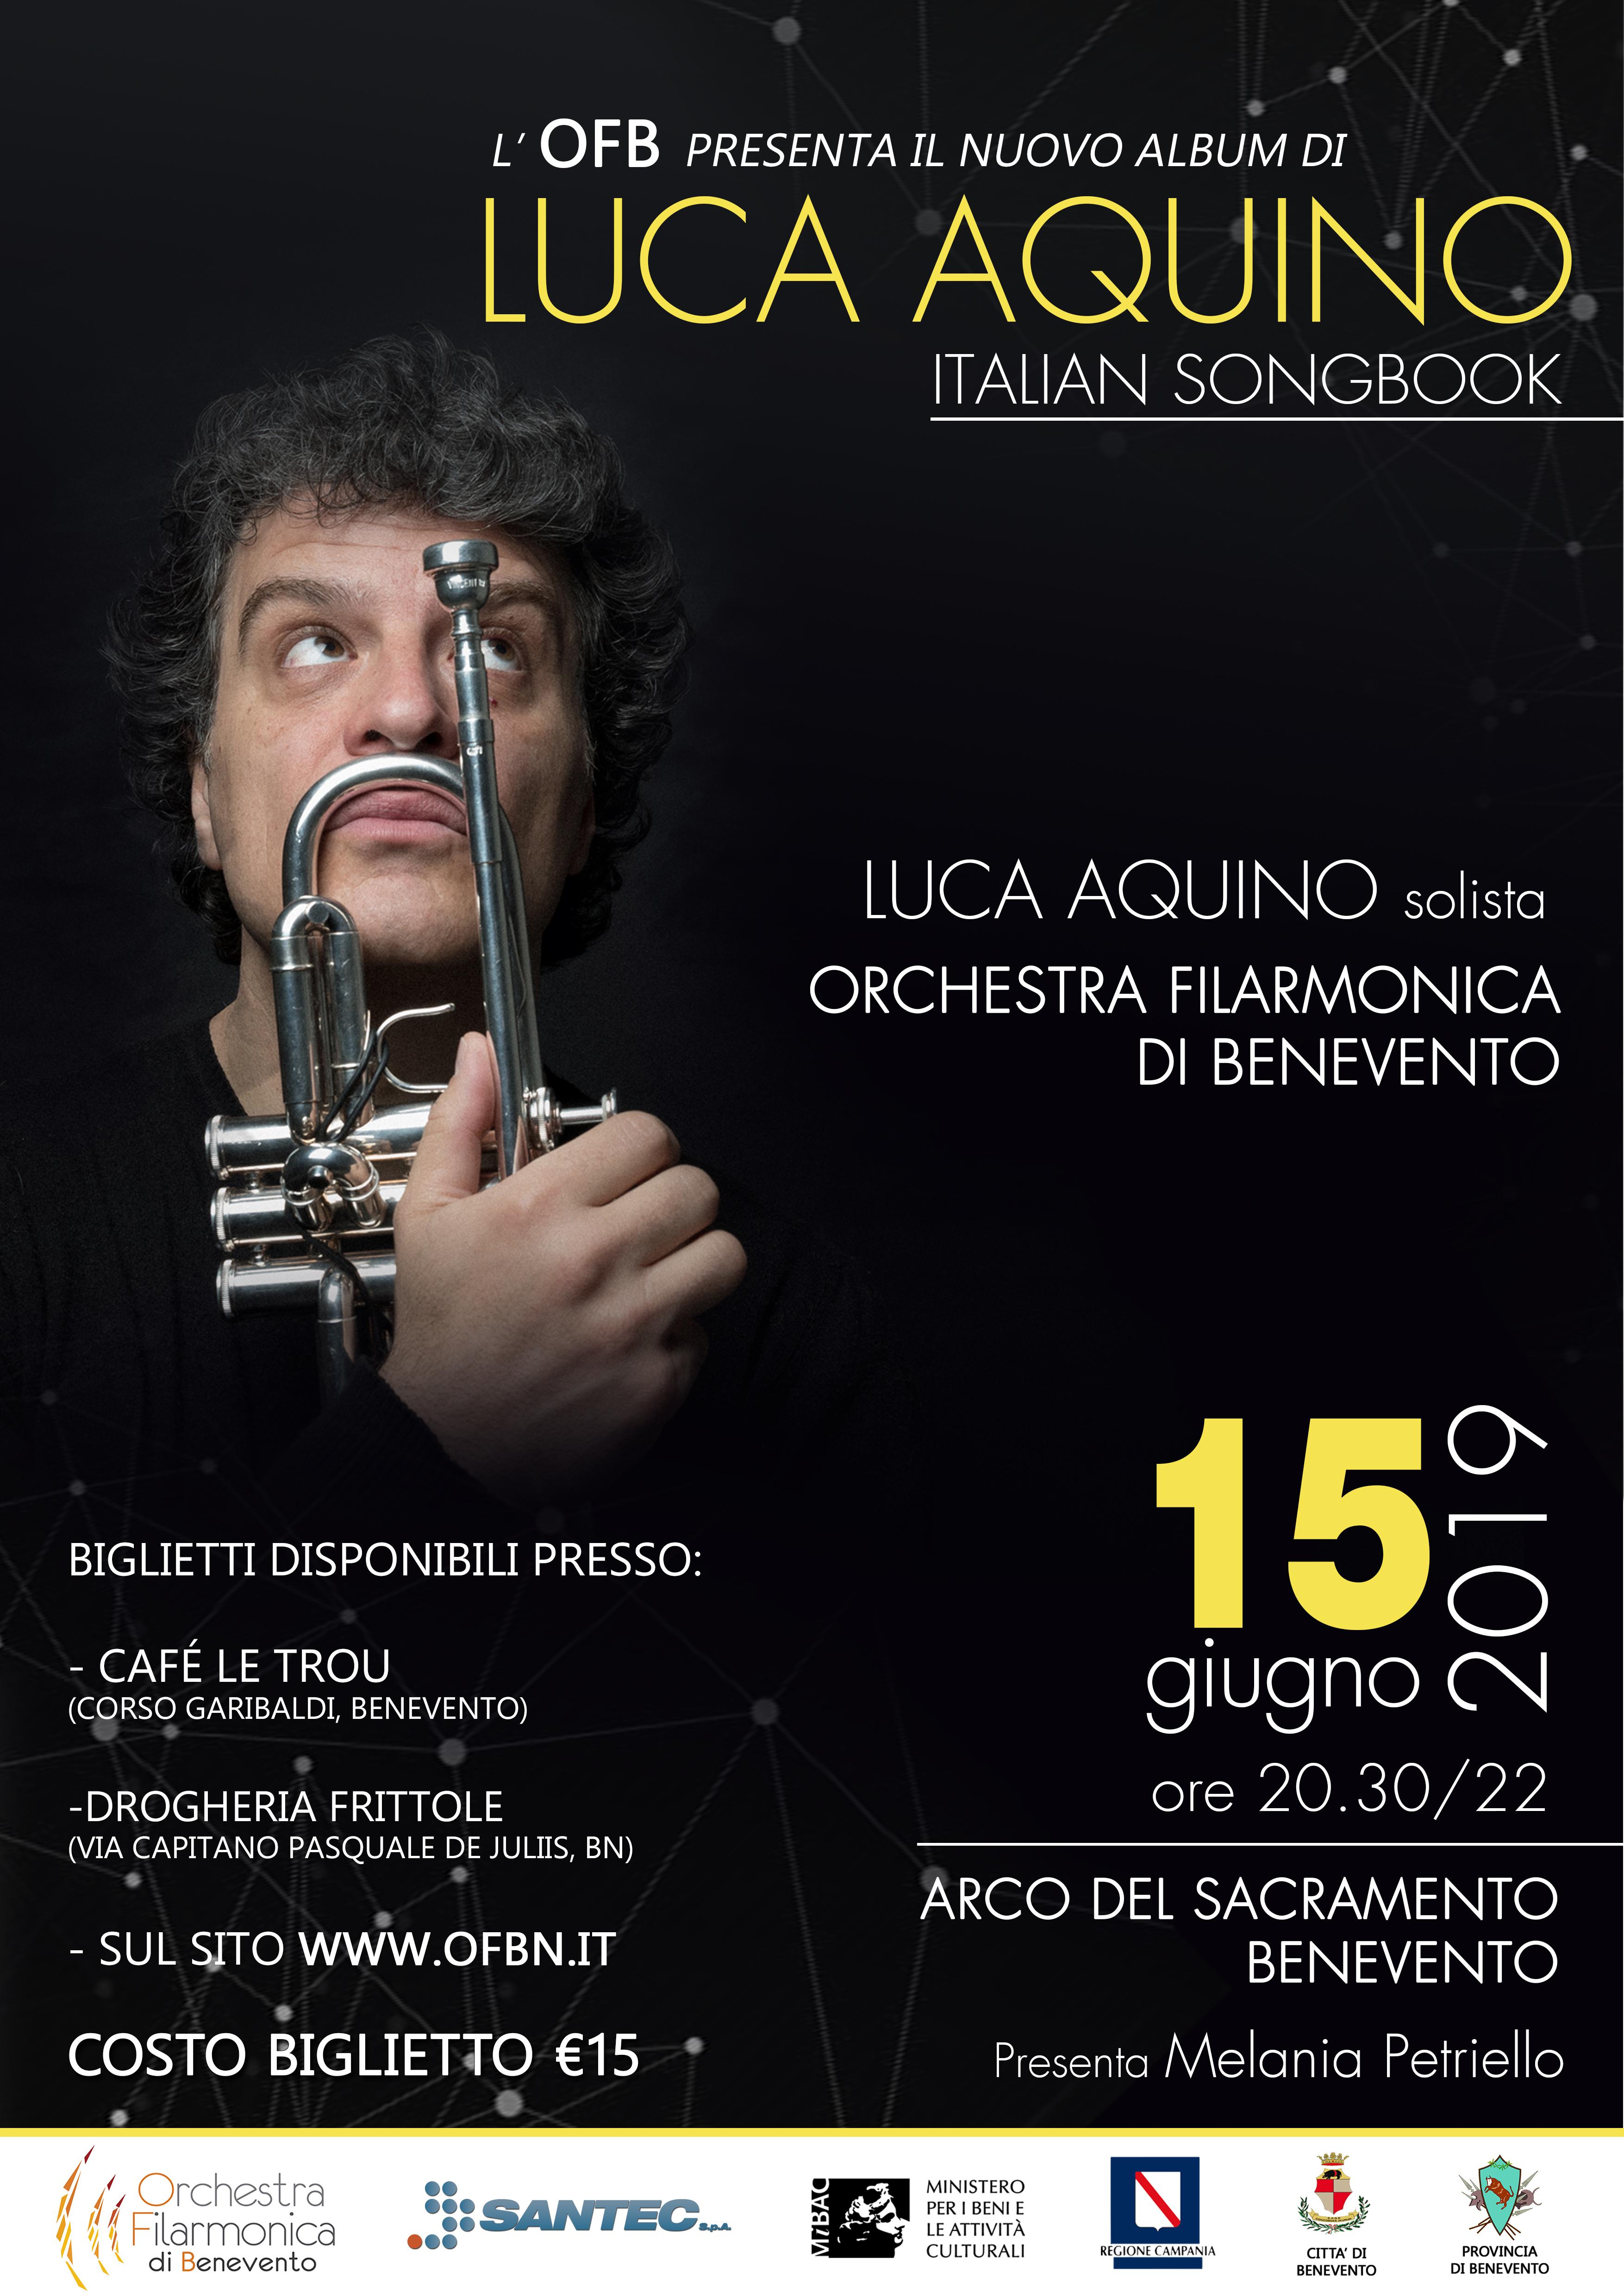 Il ritorno del trombettista Luca Aquino in concerto, domani, con l'Orchestra Filarmonica di Benevento